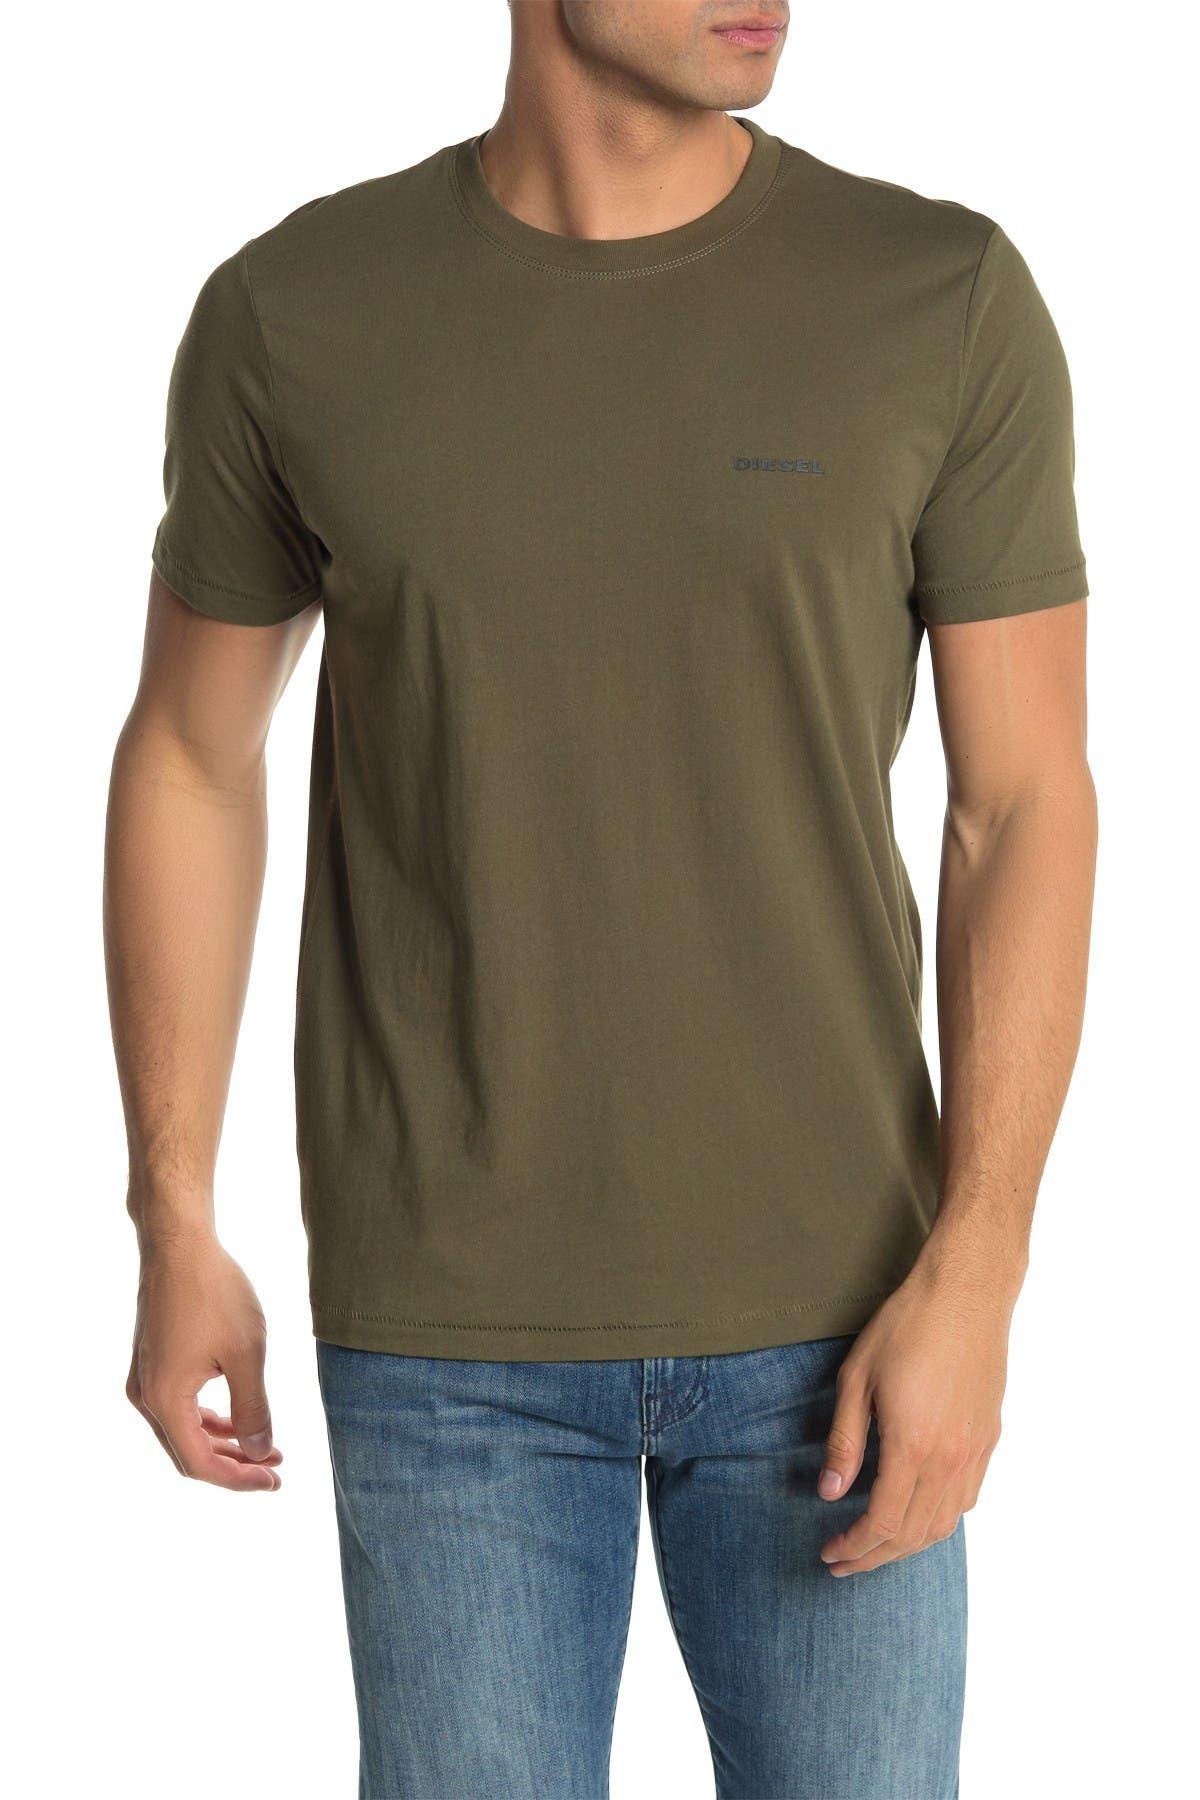 Image of Diesel Jake Crew Neck Lounge T-Shirt